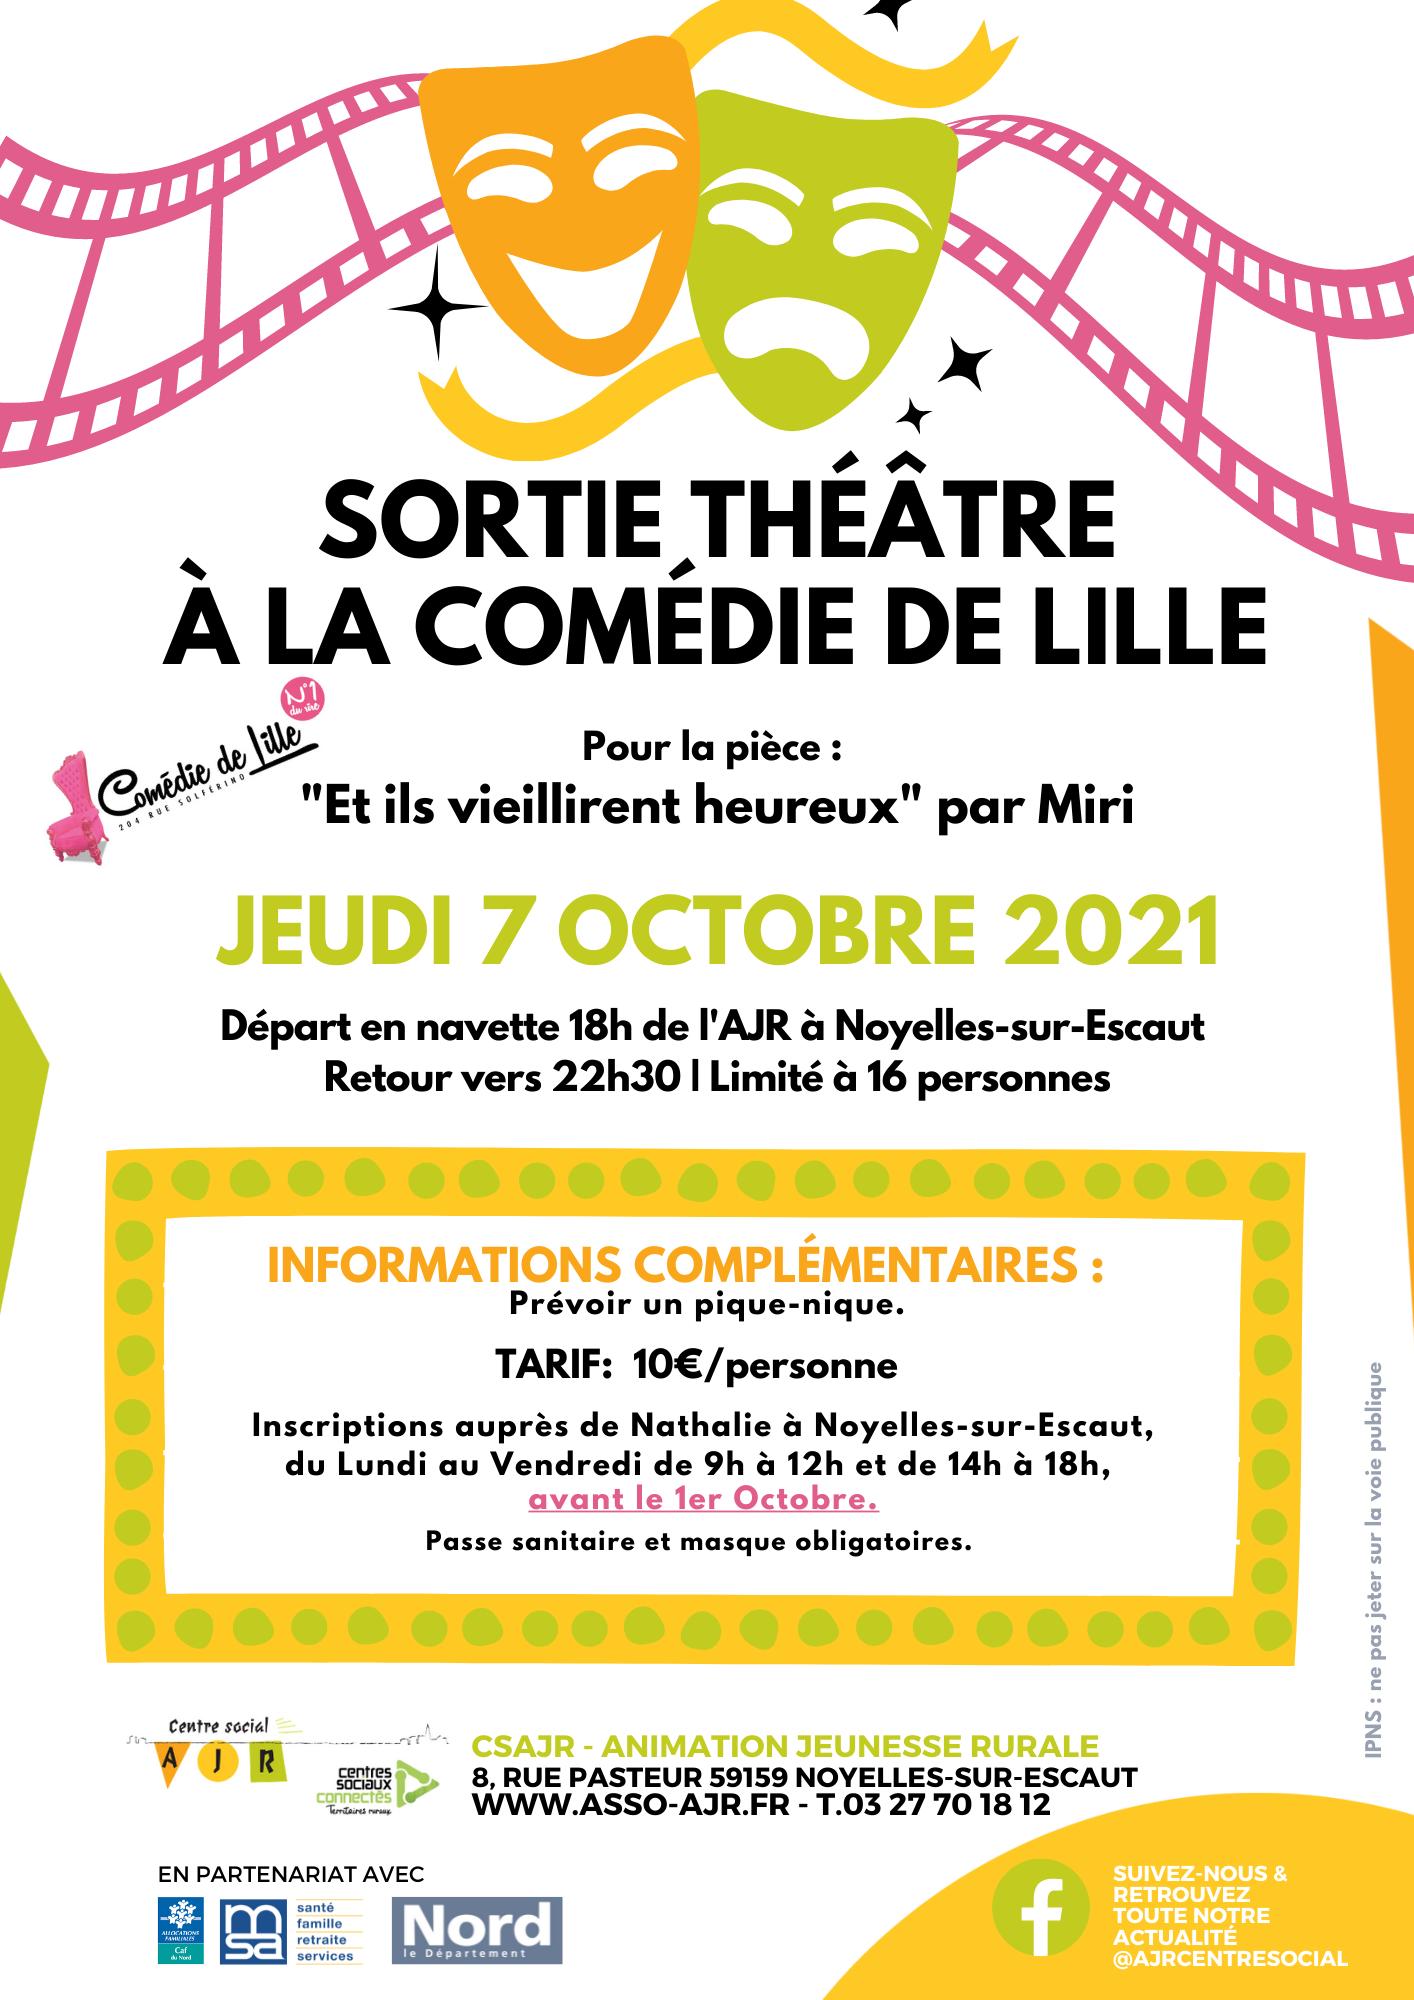 Sortie théâtre Lille 7 octobre 2021 (1)